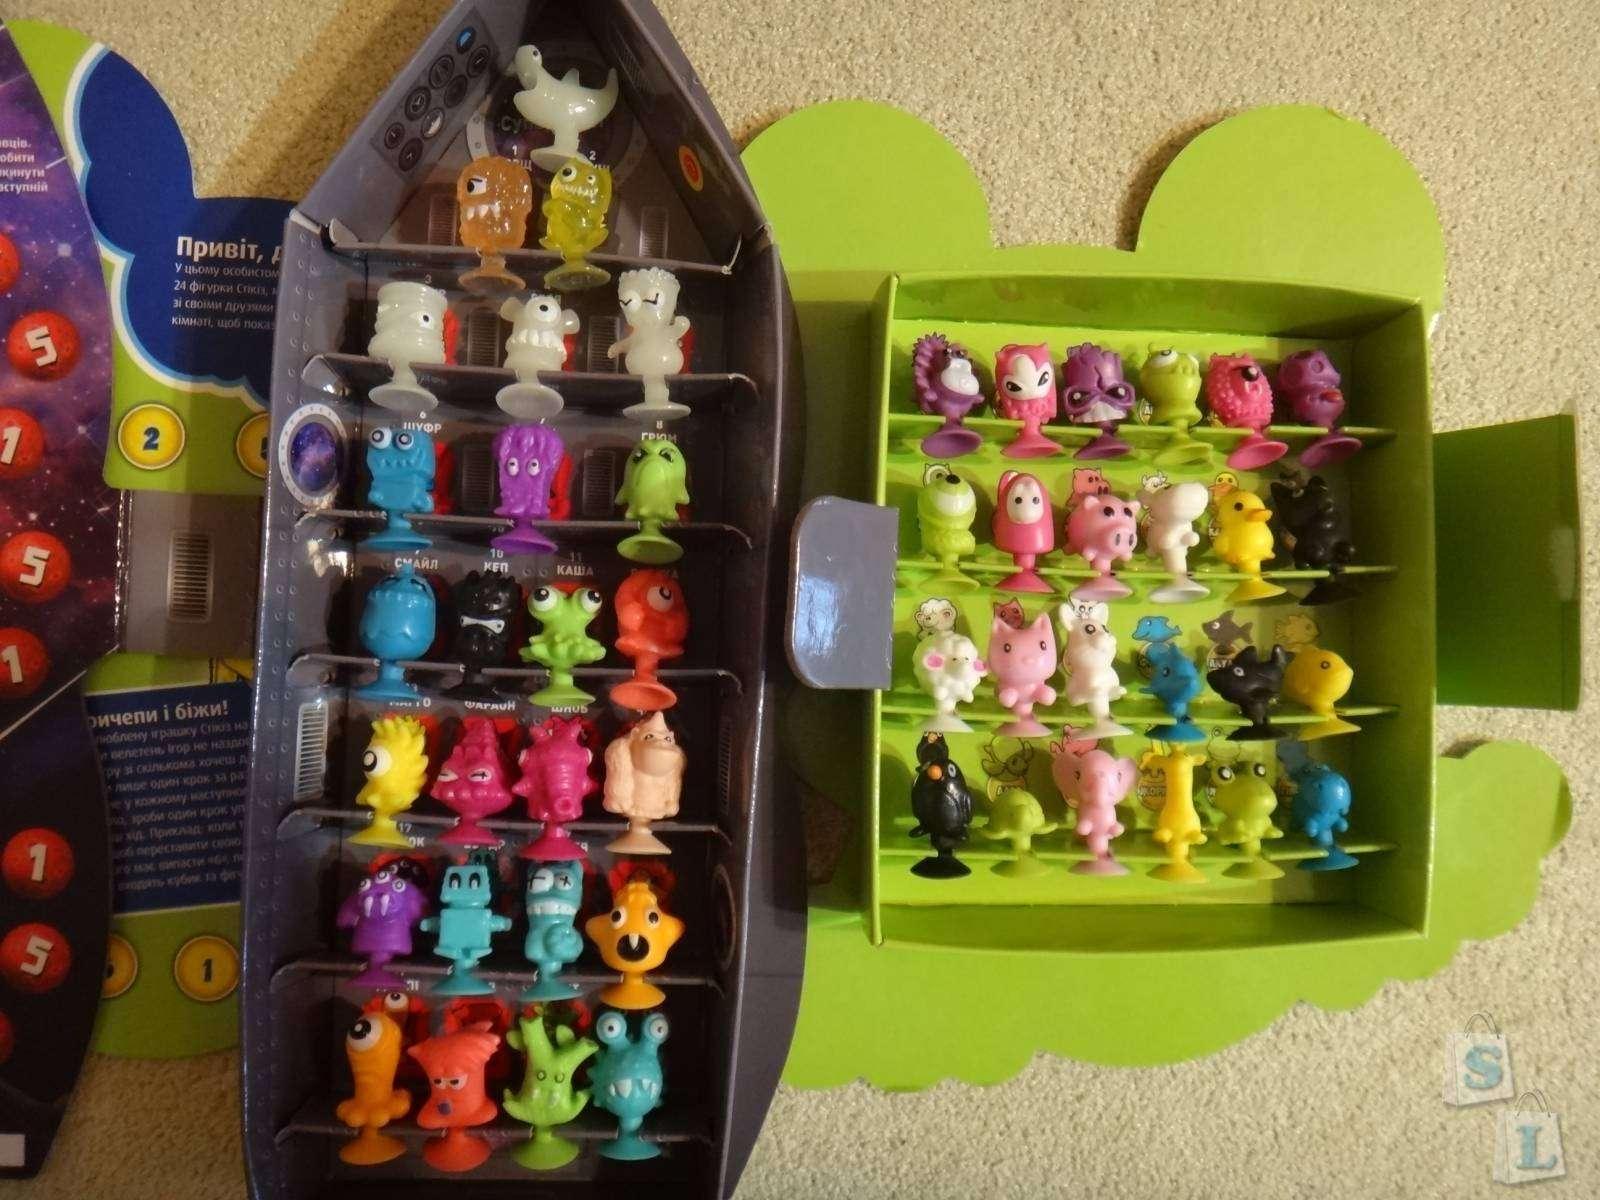 Обзор-отзыв Stikeez (липучек-игрушек) из Сильпо 'Пришельцы из космоса'